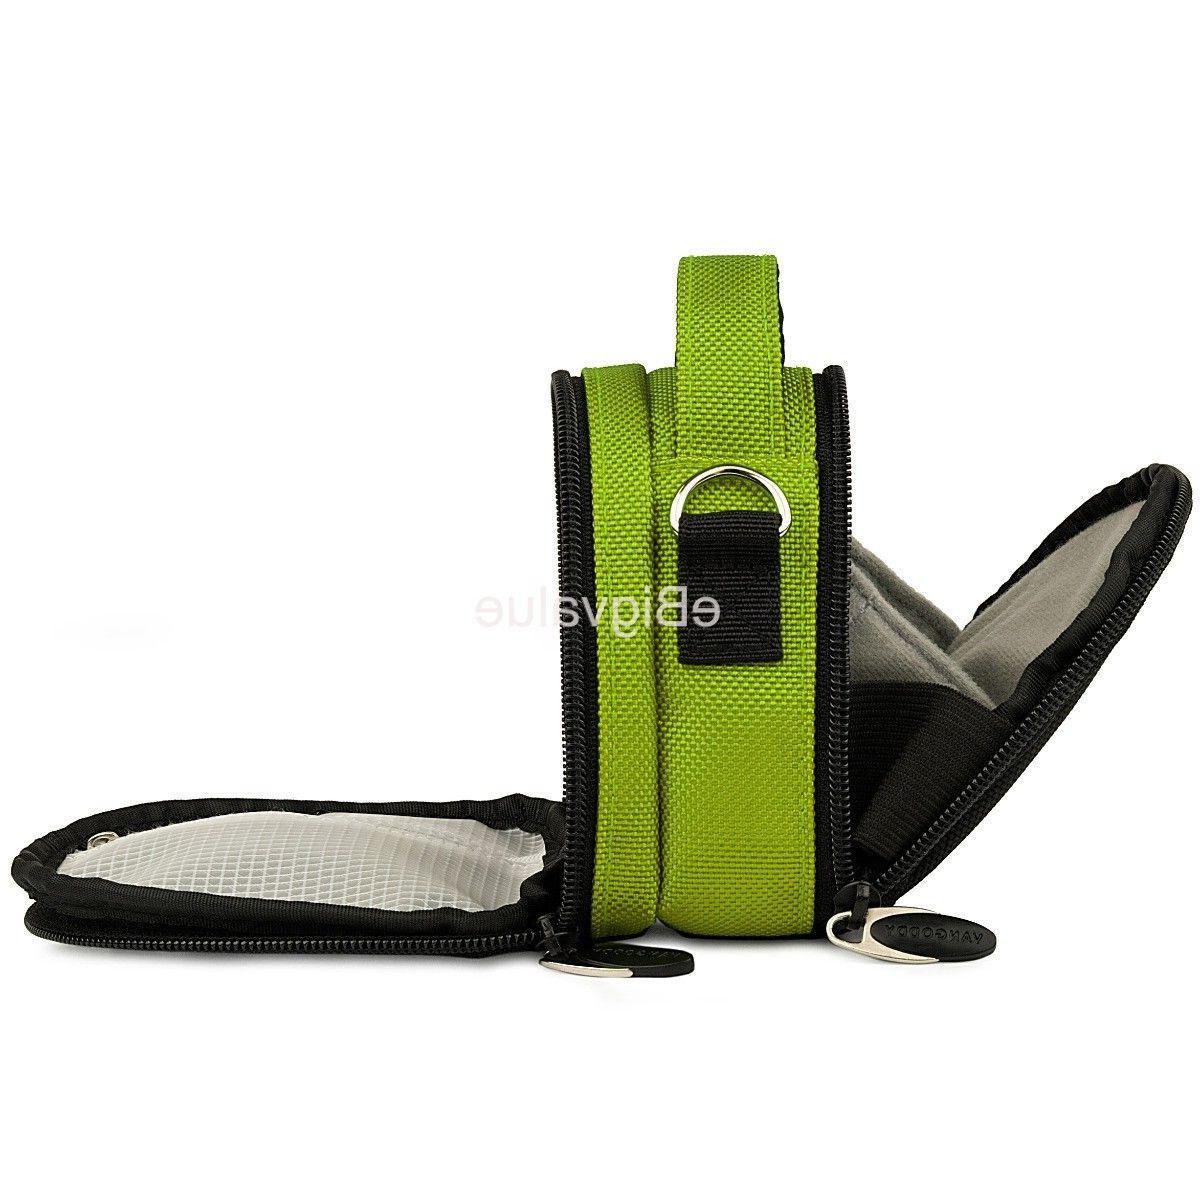 Green Small Camera for Sony HX99 RX100 /